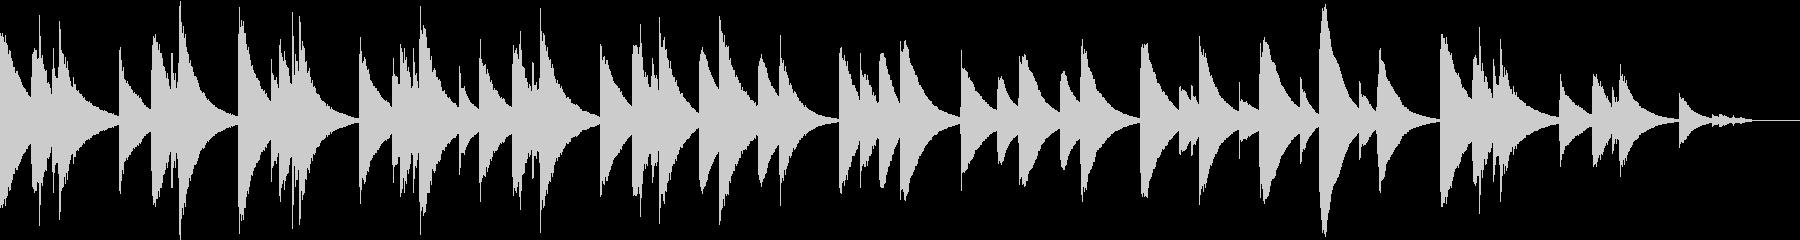 オルゴール調の悲しい雰囲気の未再生の波形